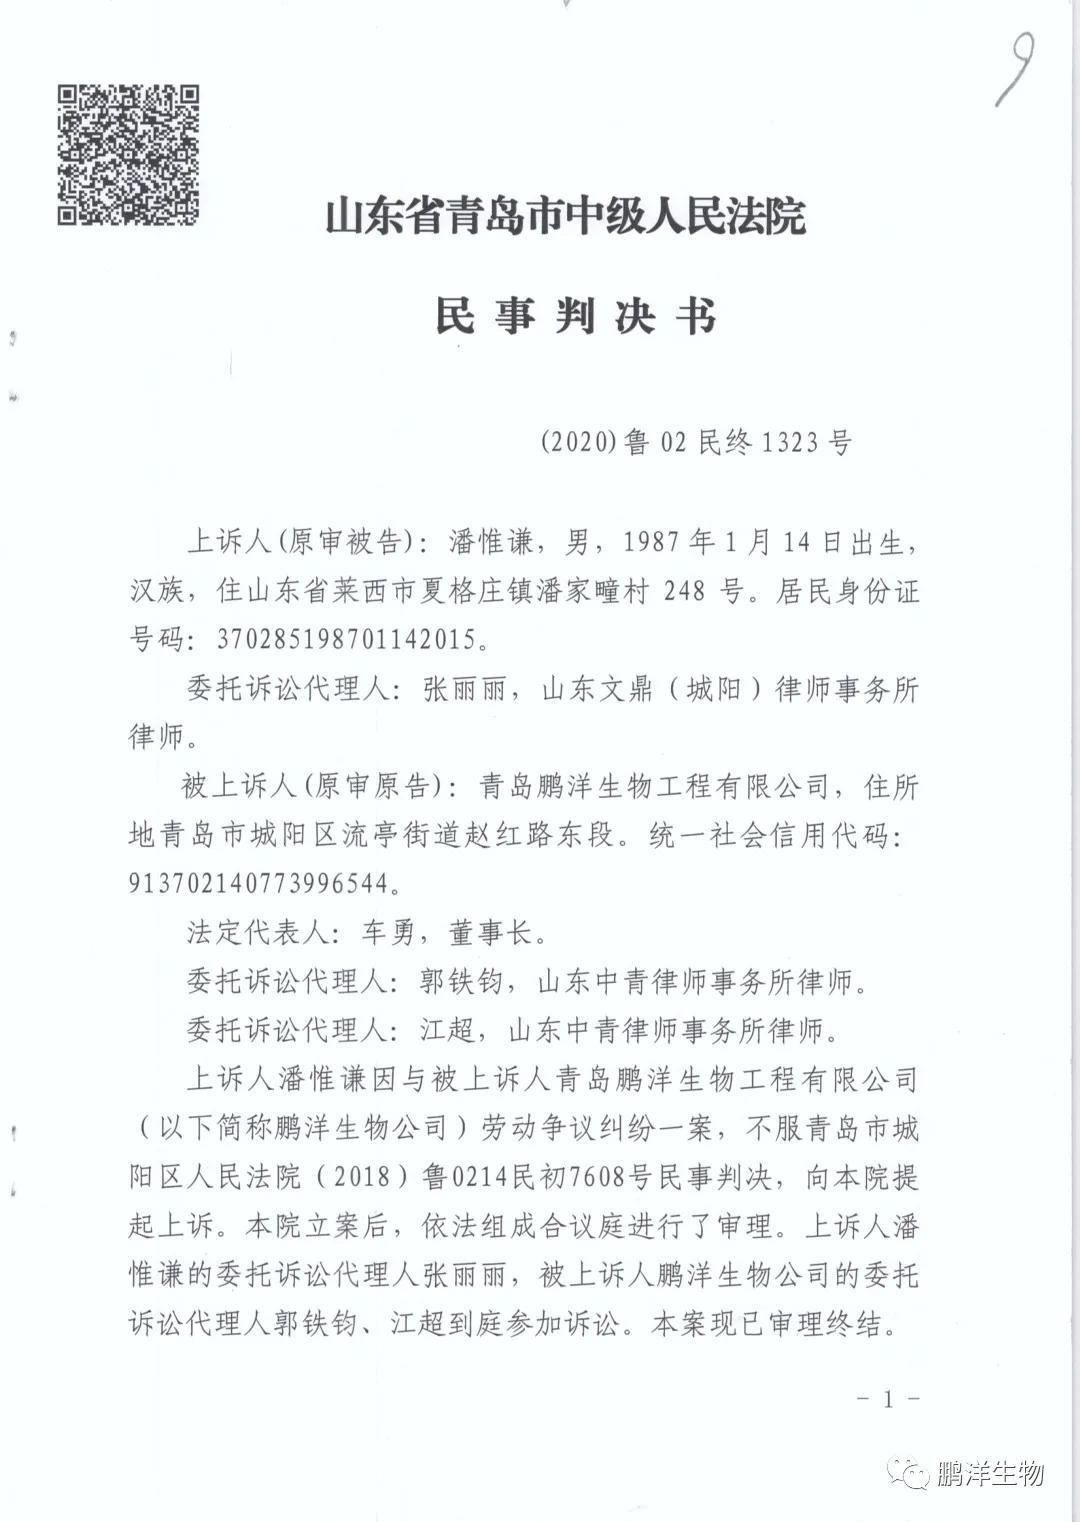 【終審敗訴】潘惟謙違反保密協議,鑫康達自證偽造材料